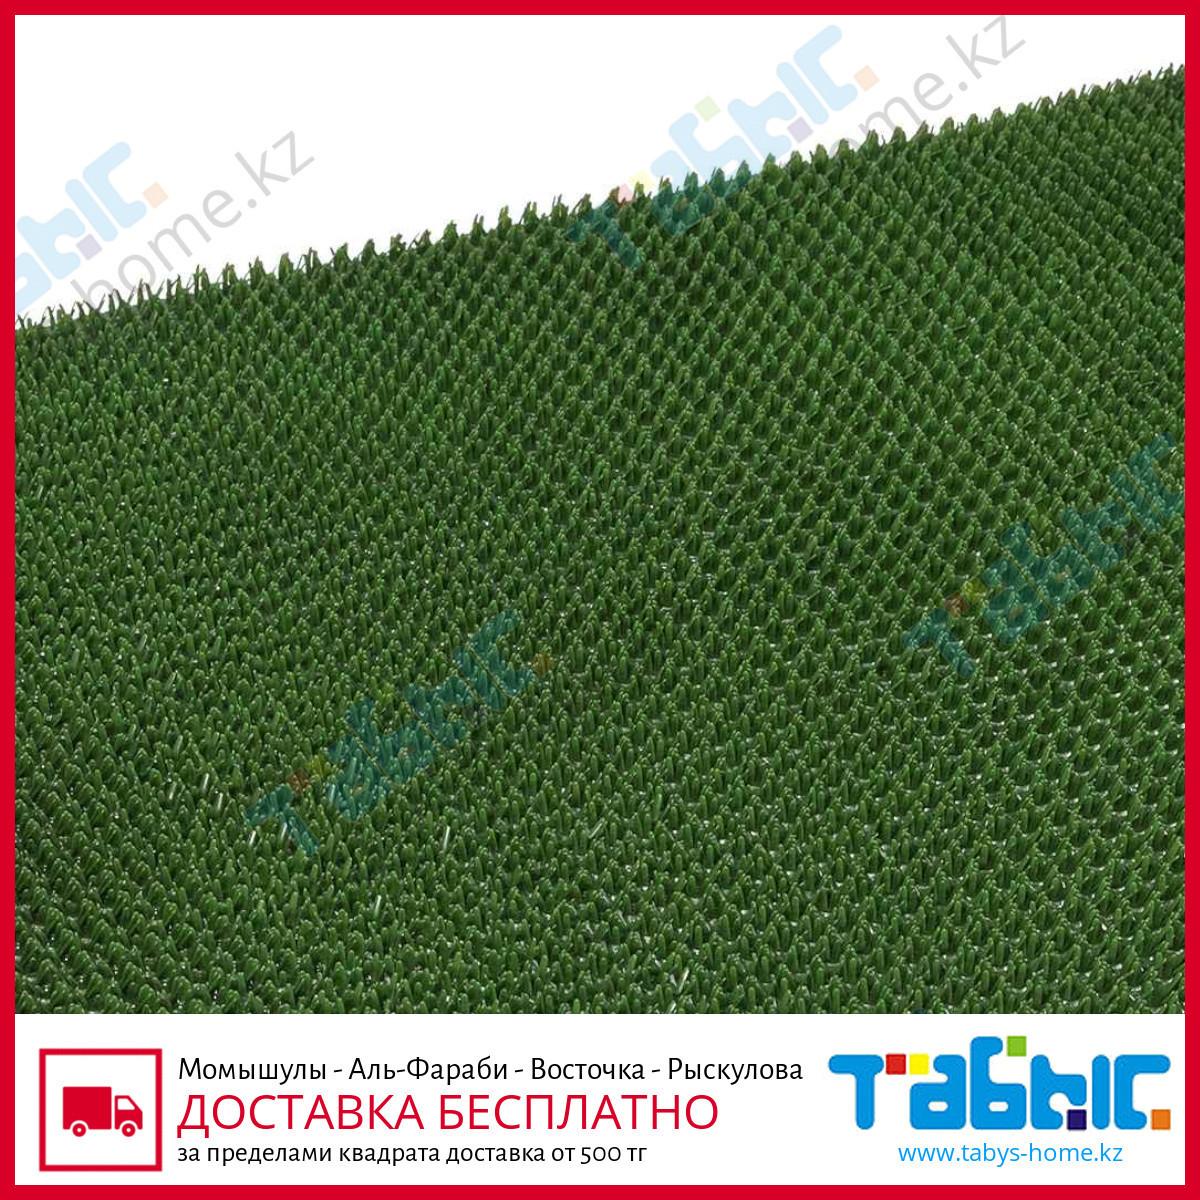 Коврик щетинистый Стандарт 90х1500 см (темно-зеленый цвет)